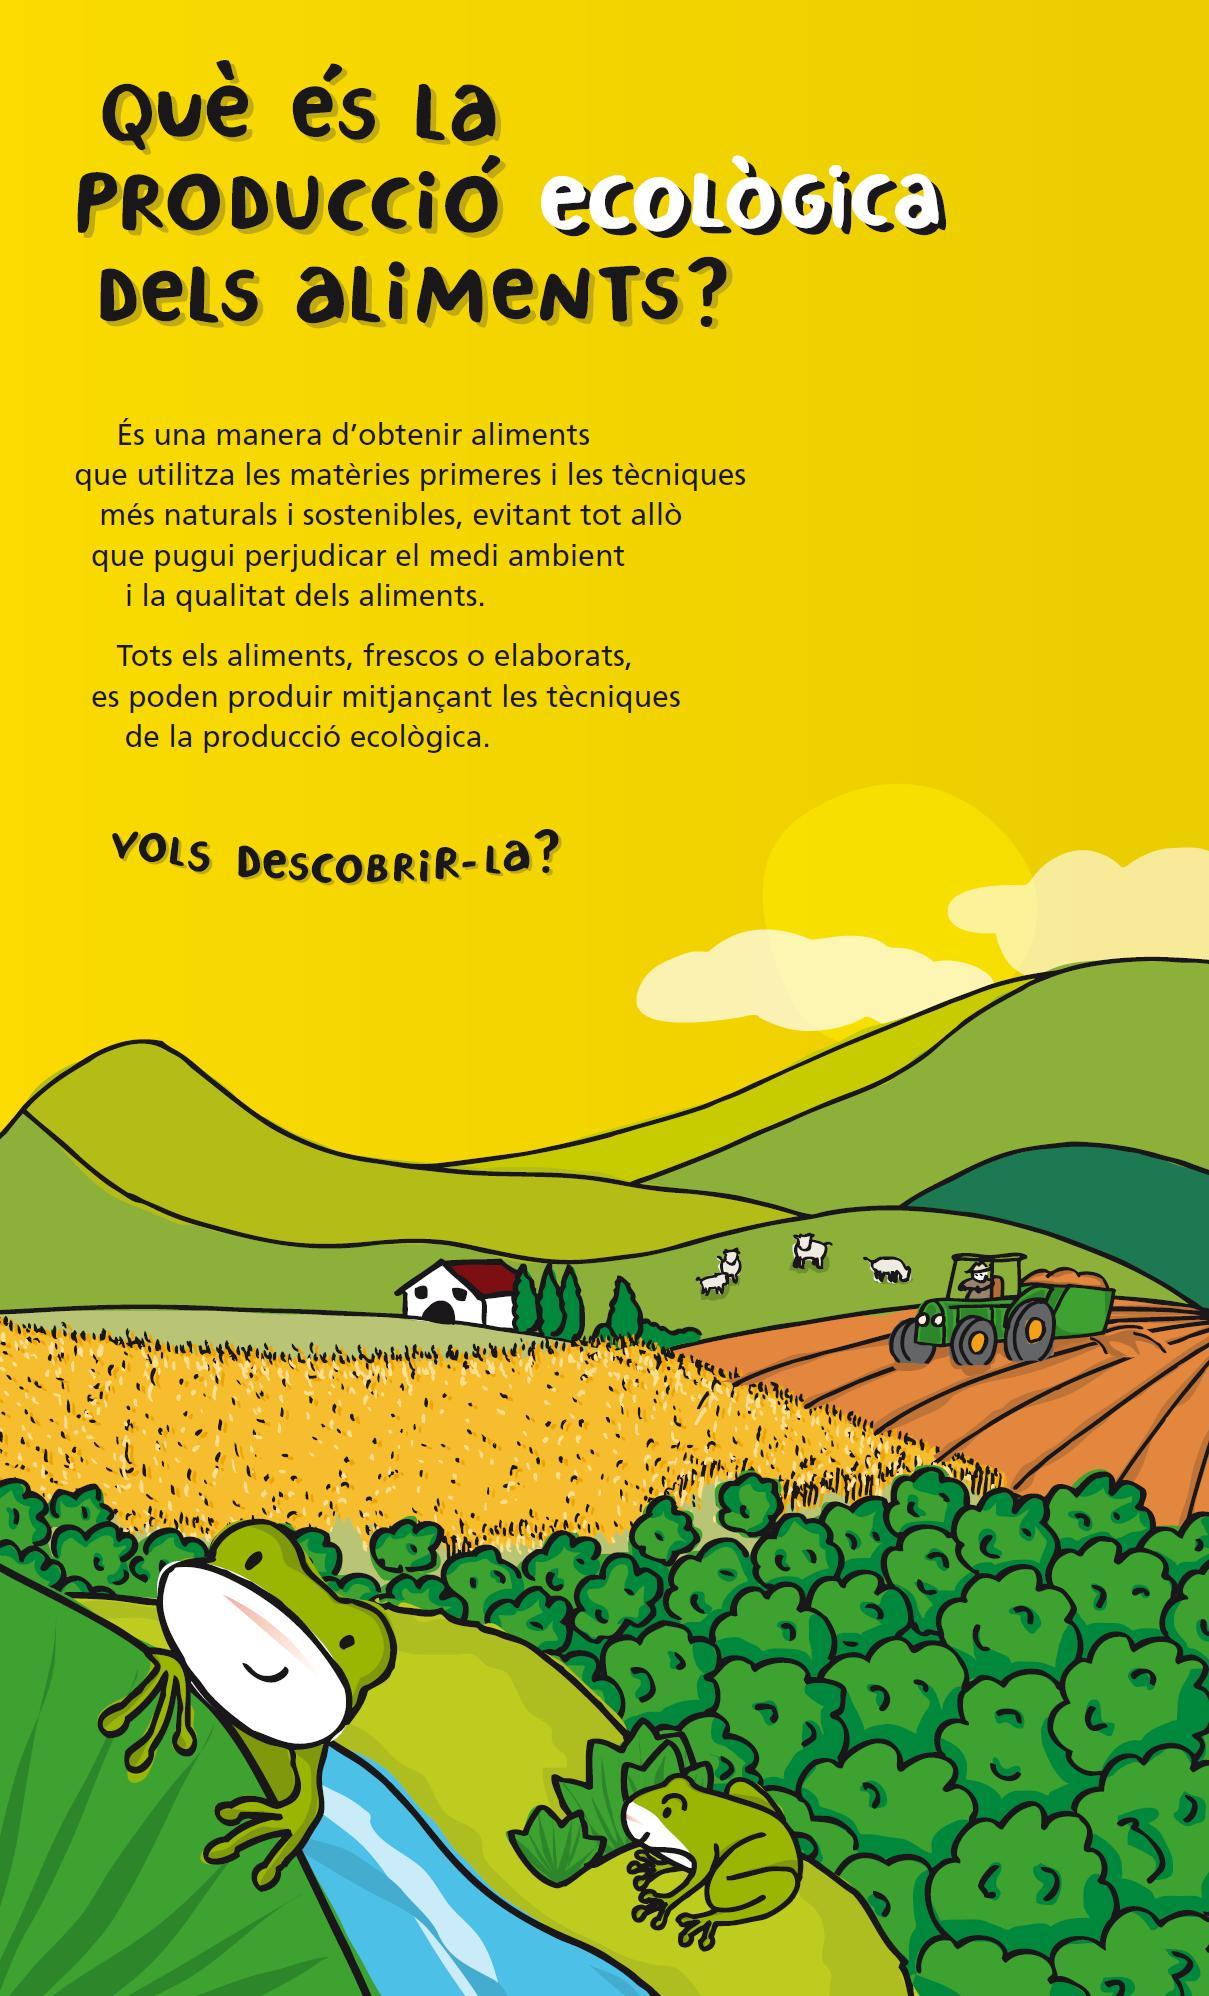 què_es_la_producció _ecològica_dels_aliments